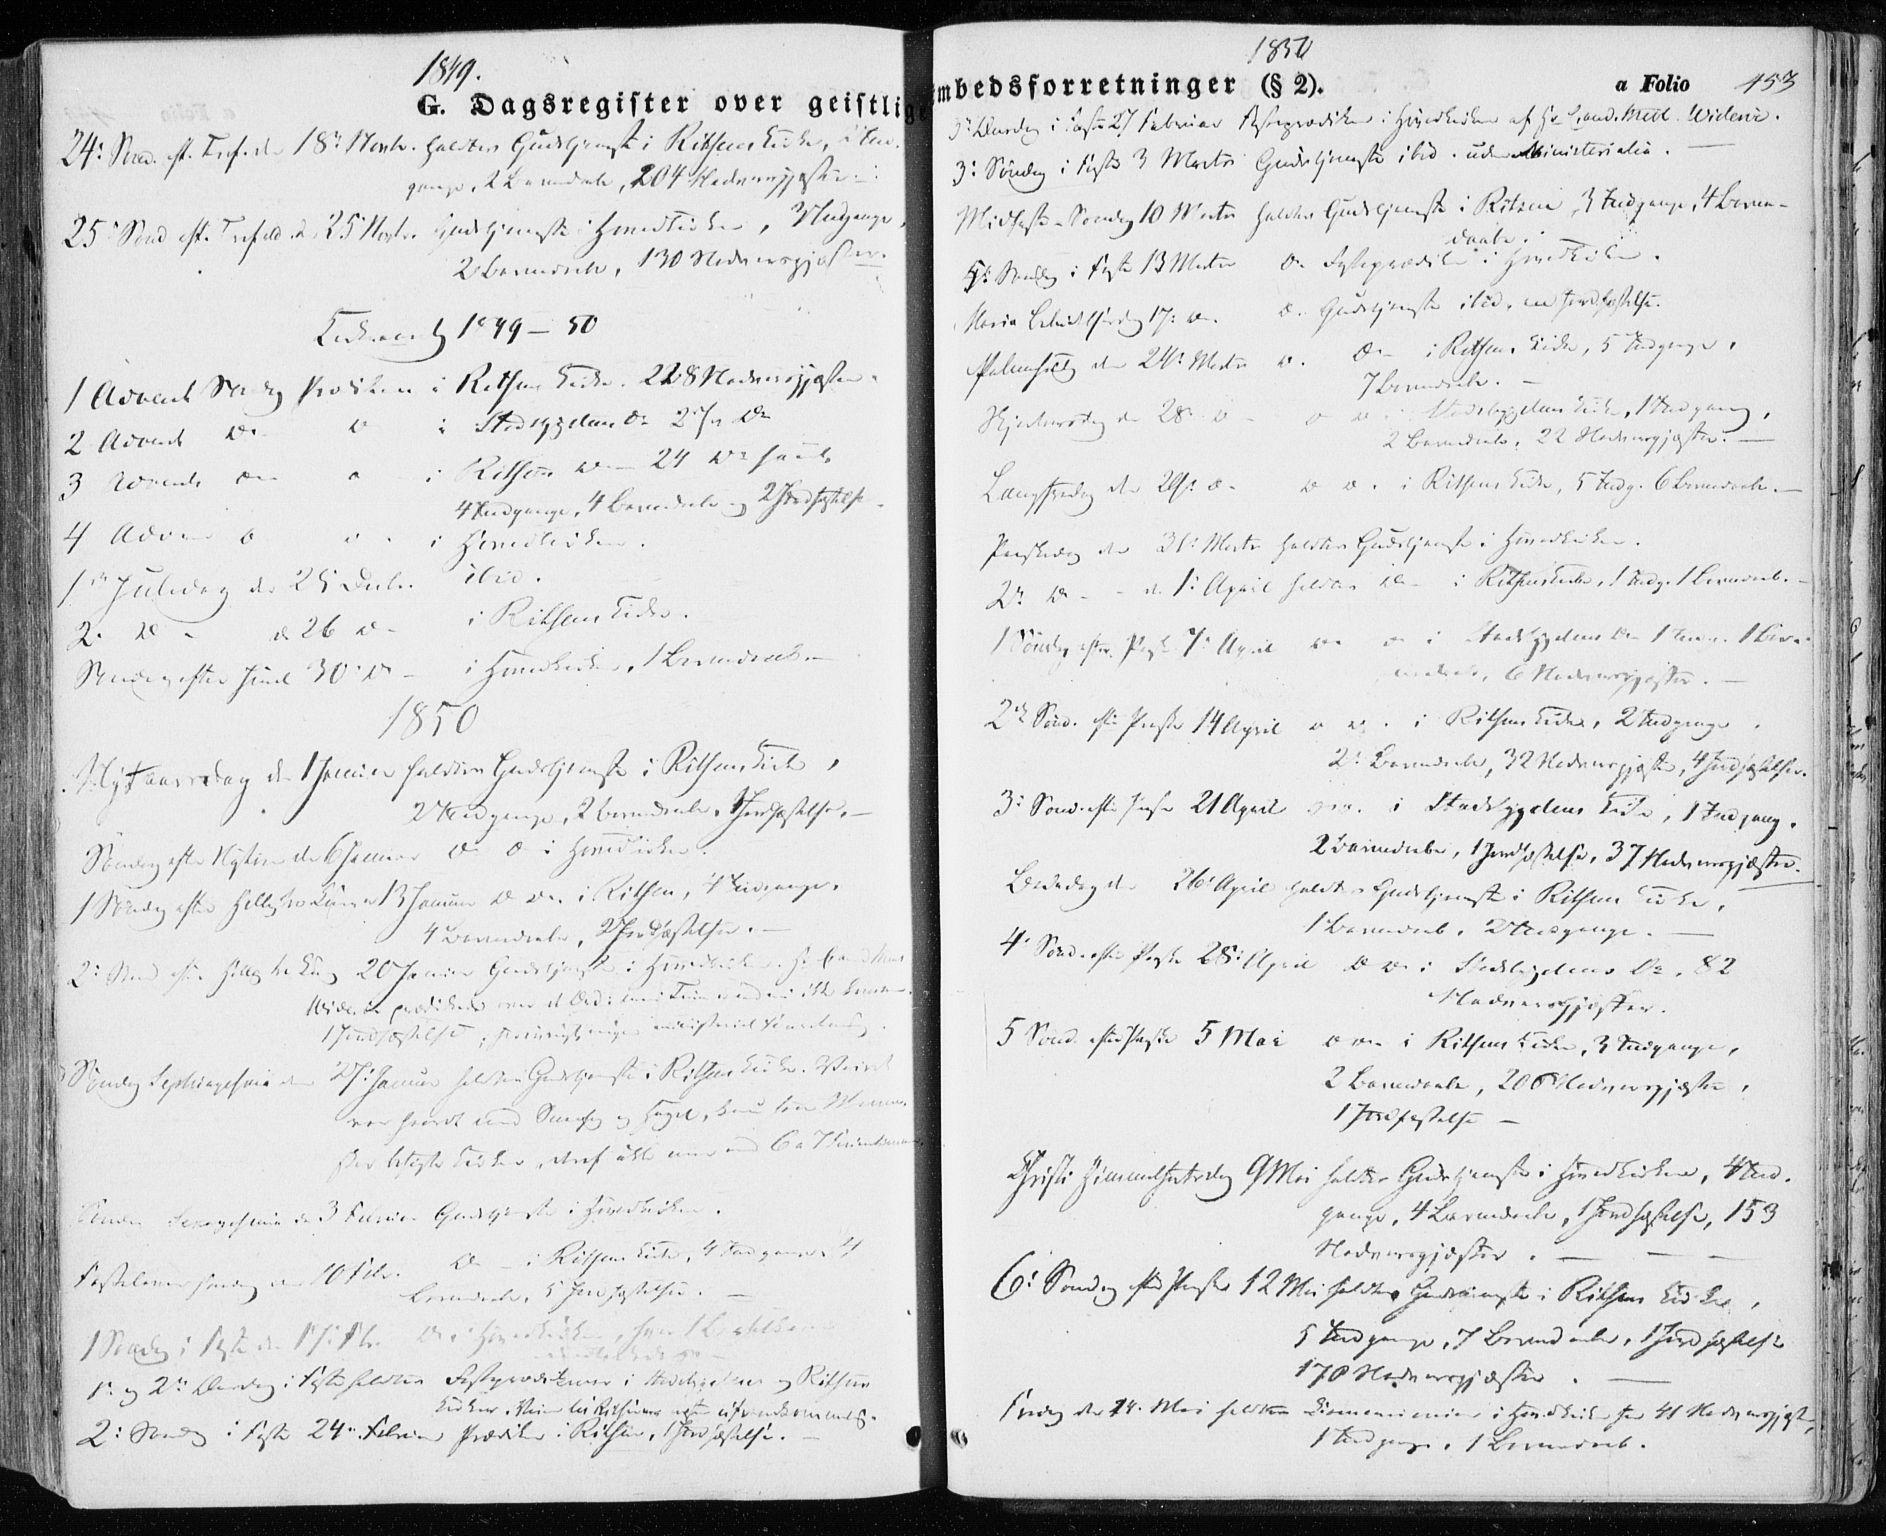 SAT, Ministerialprotokoller, klokkerbøker og fødselsregistre - Sør-Trøndelag, 646/L0611: Ministerialbok nr. 646A09, 1848-1857, s. 453